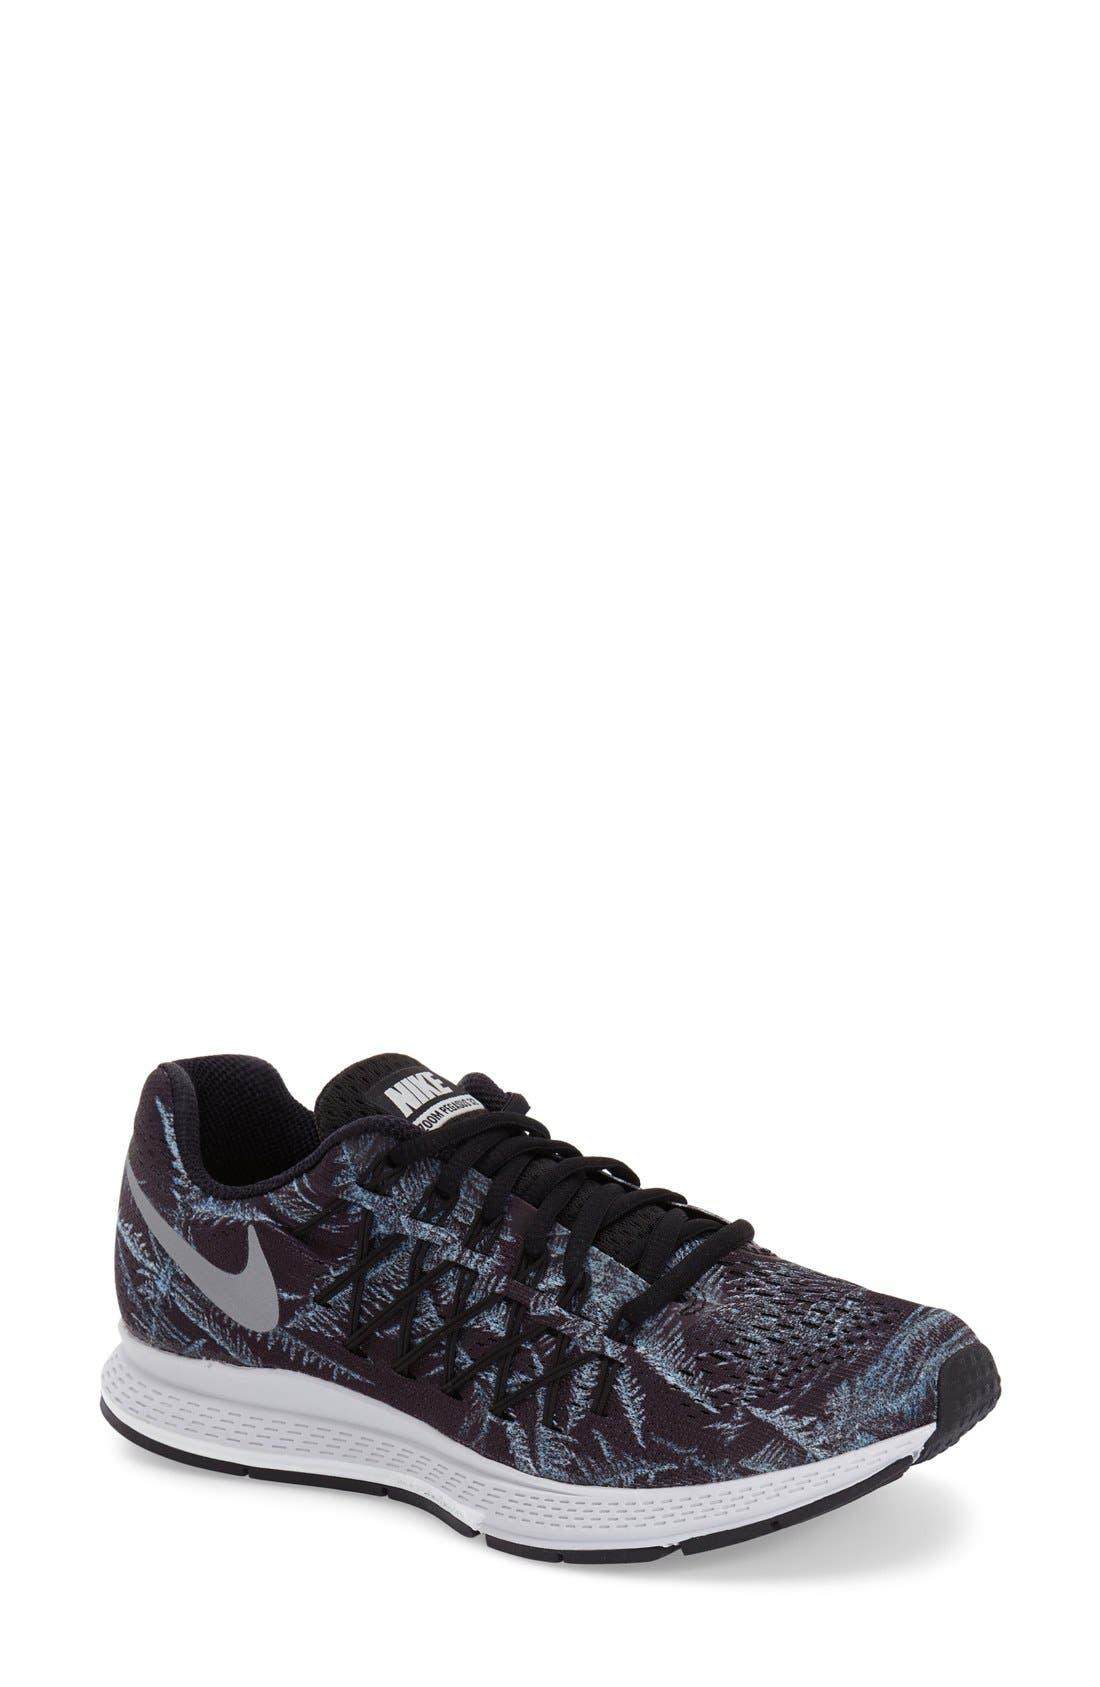 Main Image - Nike 'Air Zoom Pegasus 32 Solstice' Running Shoe (Women)